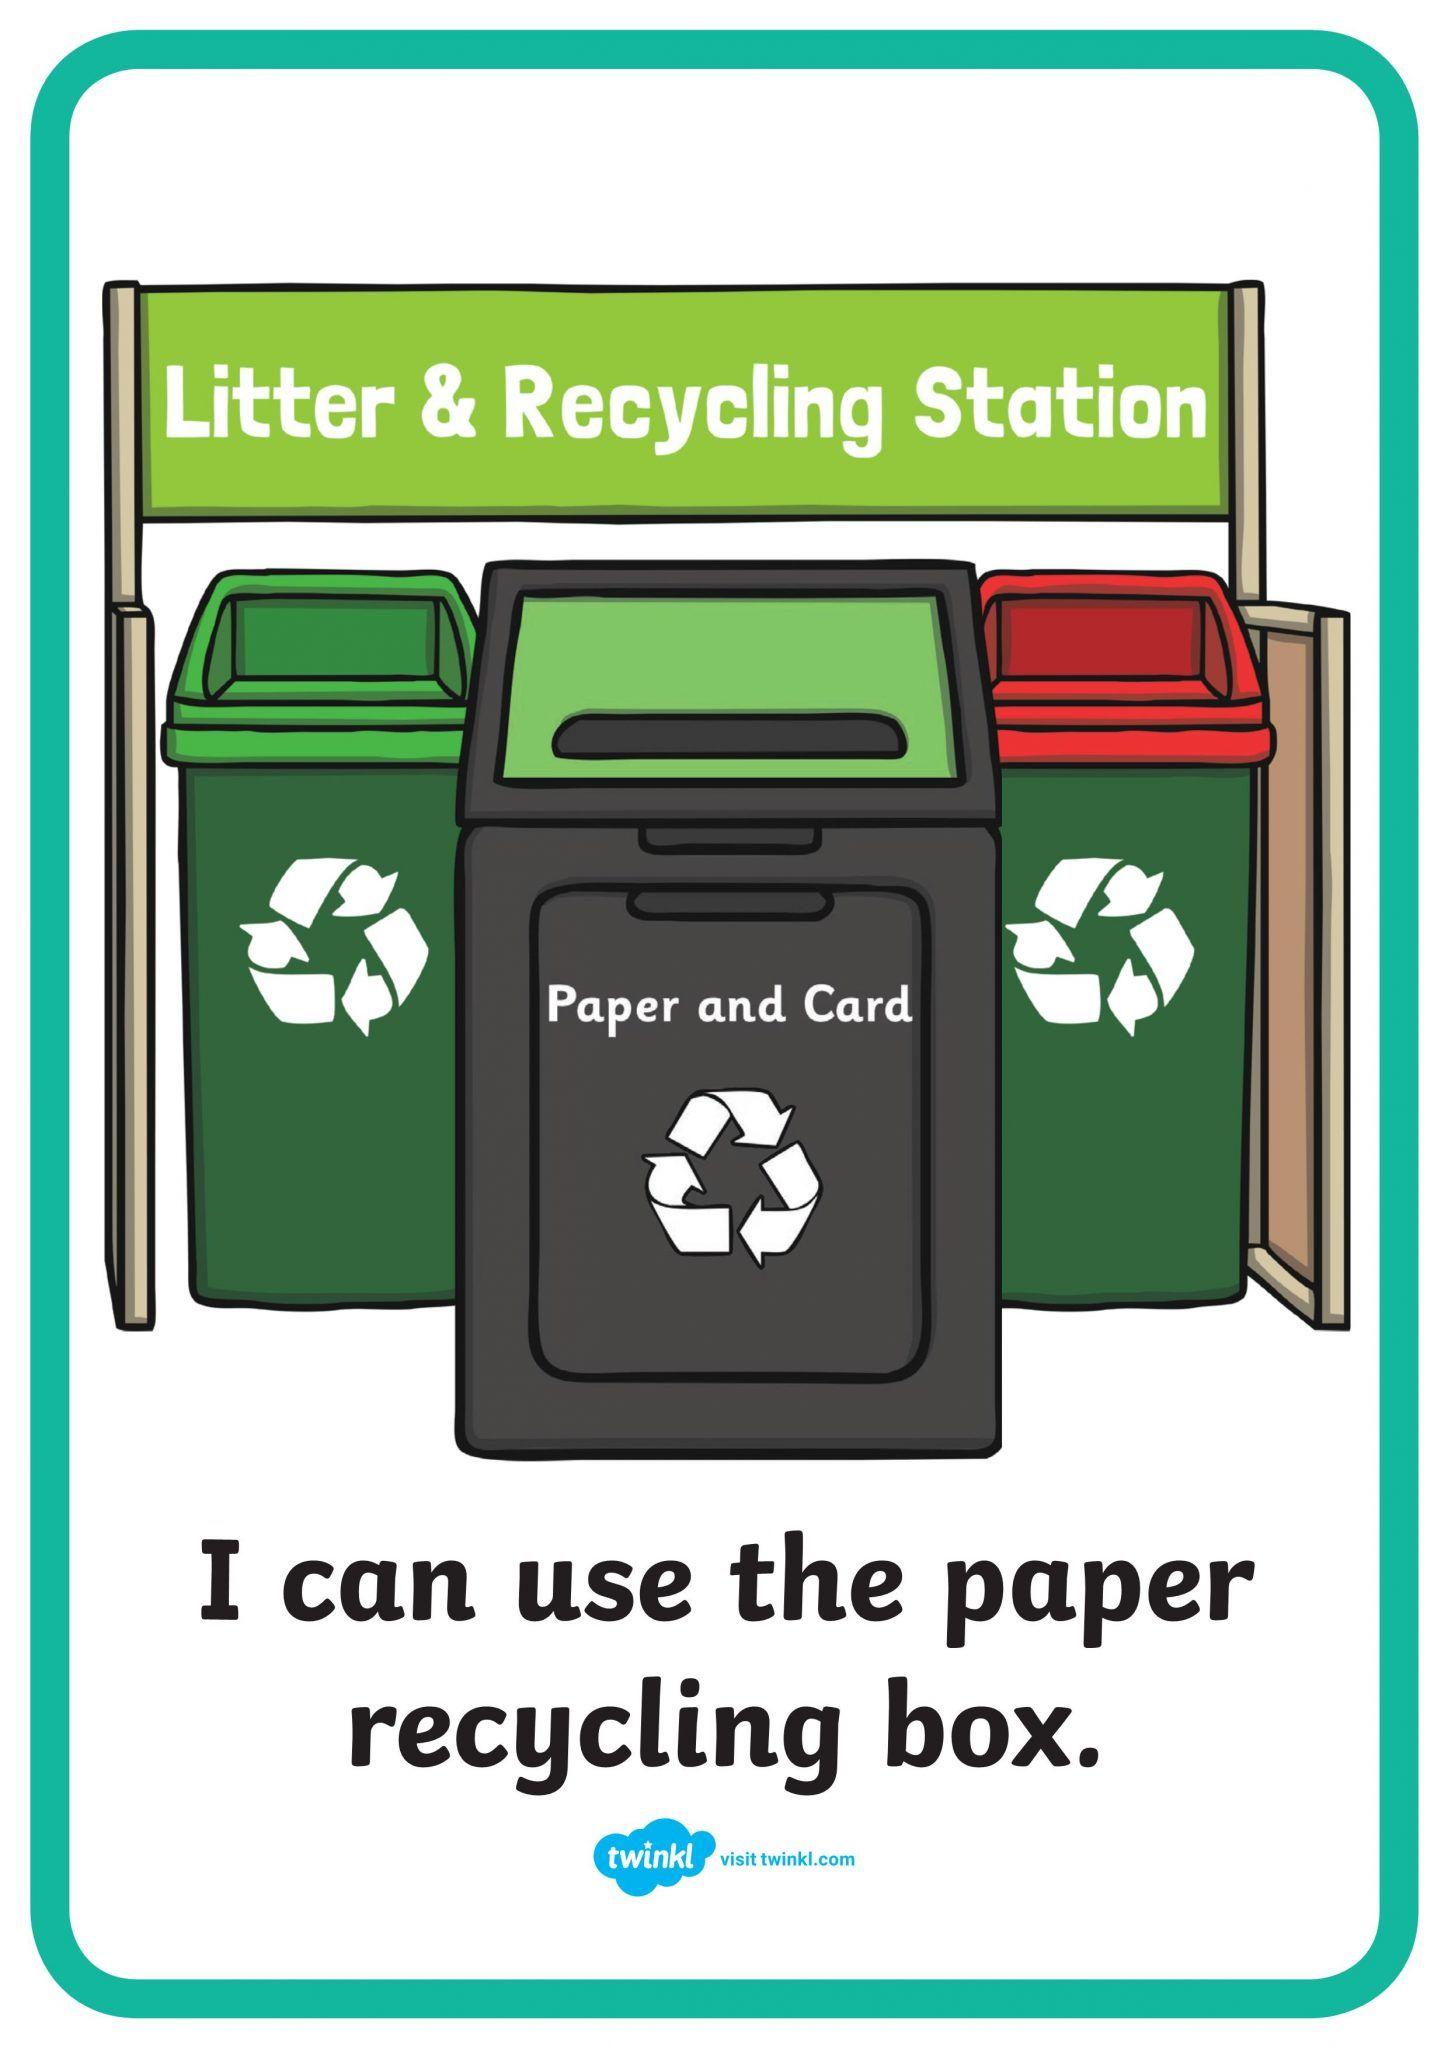 ملصقات ملونة ارشادات اعادة التدوير باللغة الانجليزية Recycling Station Recycle Box Recycled Paper